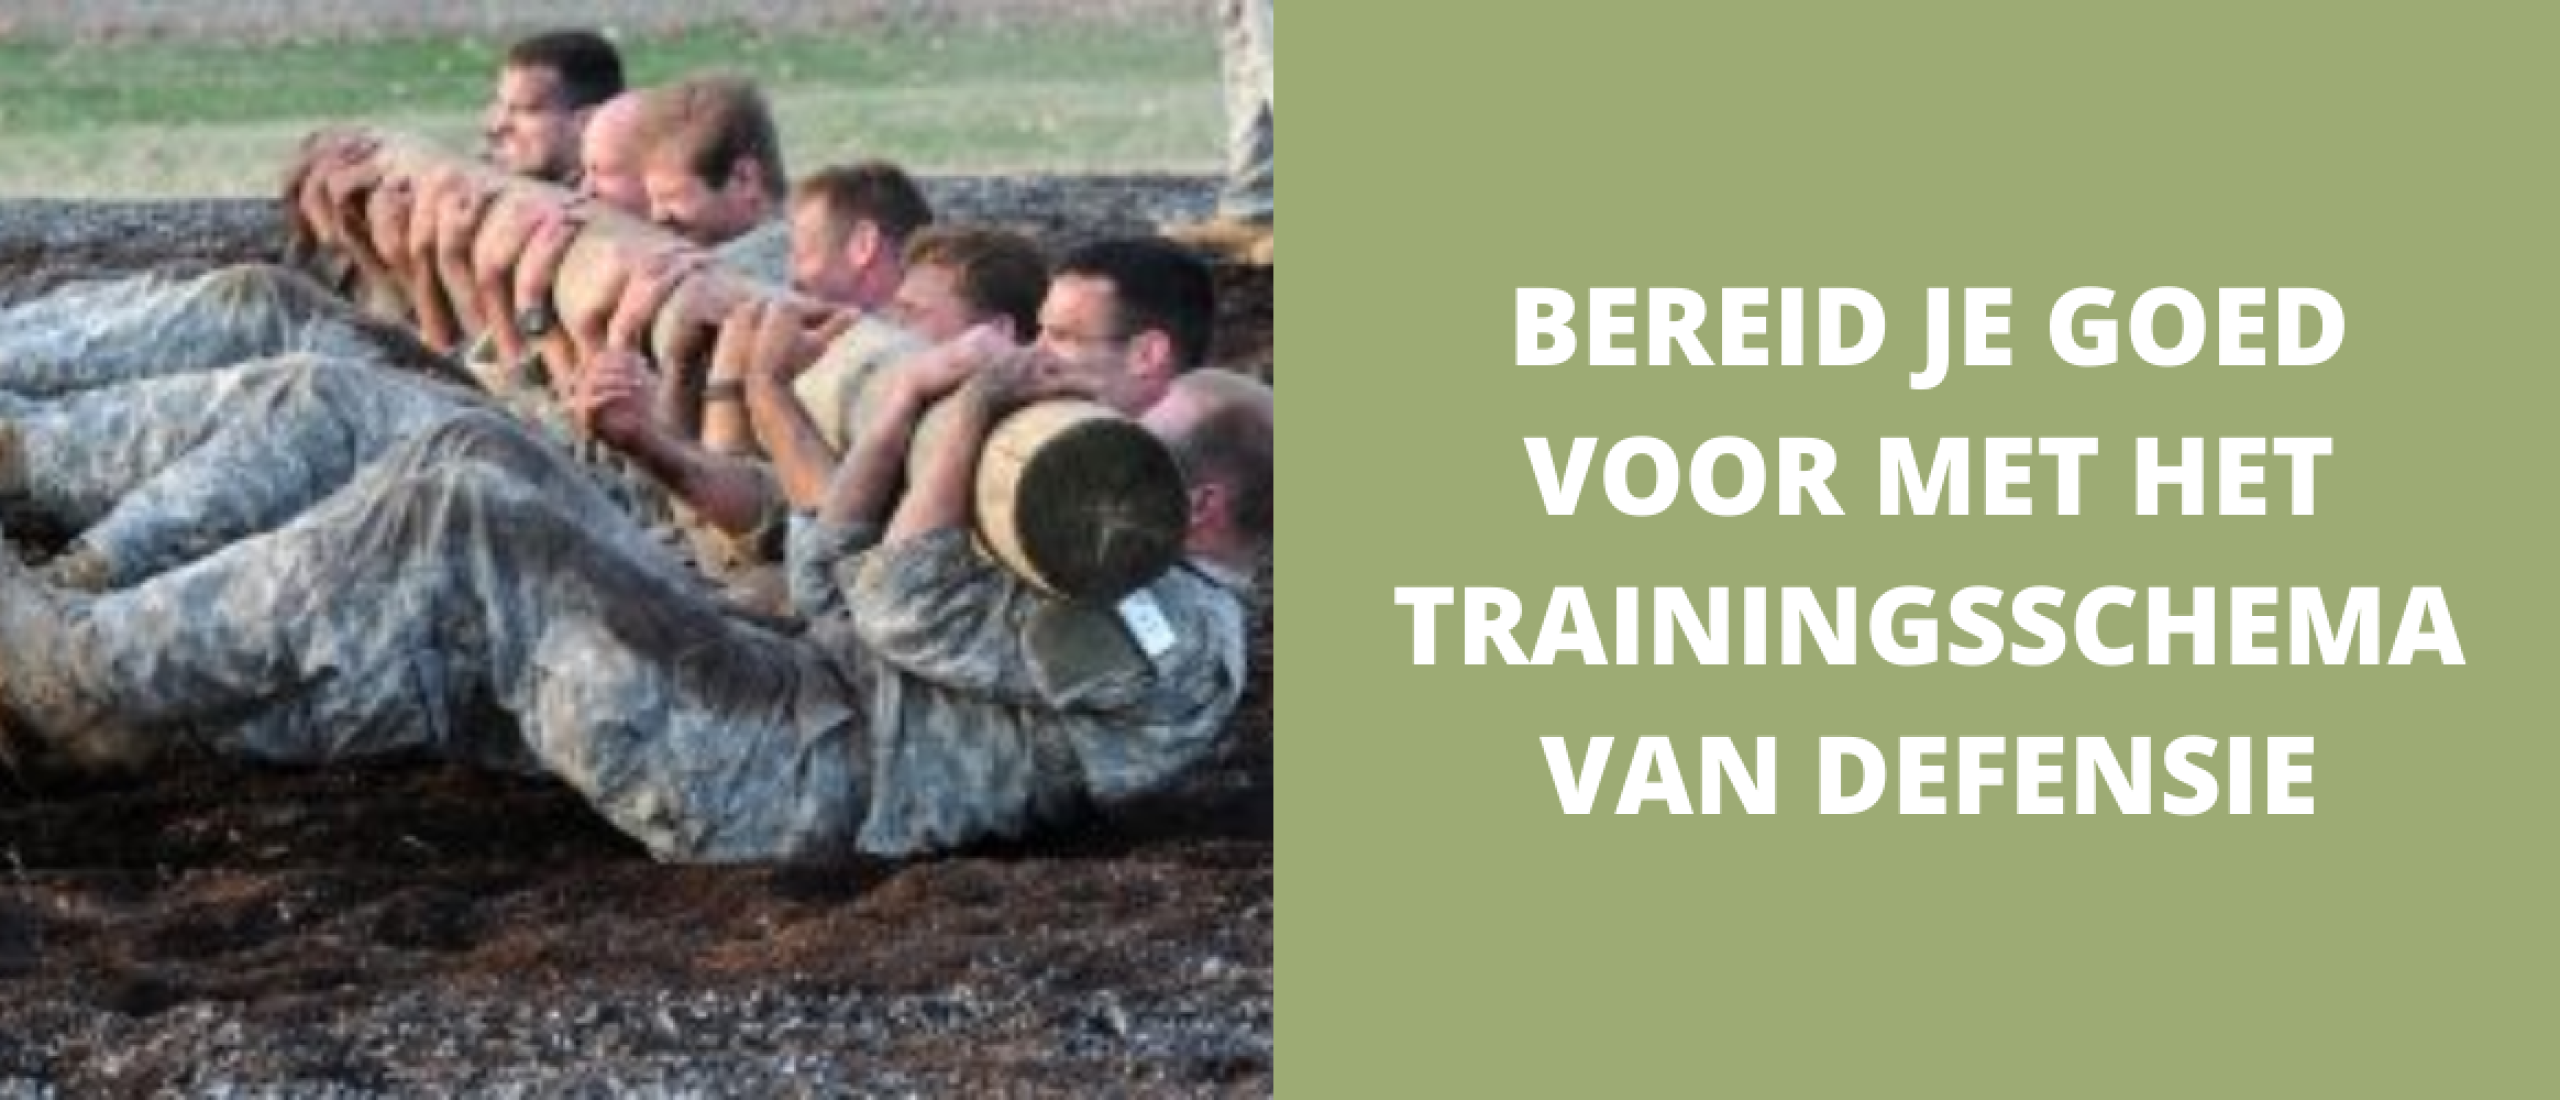 Bereid je goed voor met het trainingsschema van Defensie